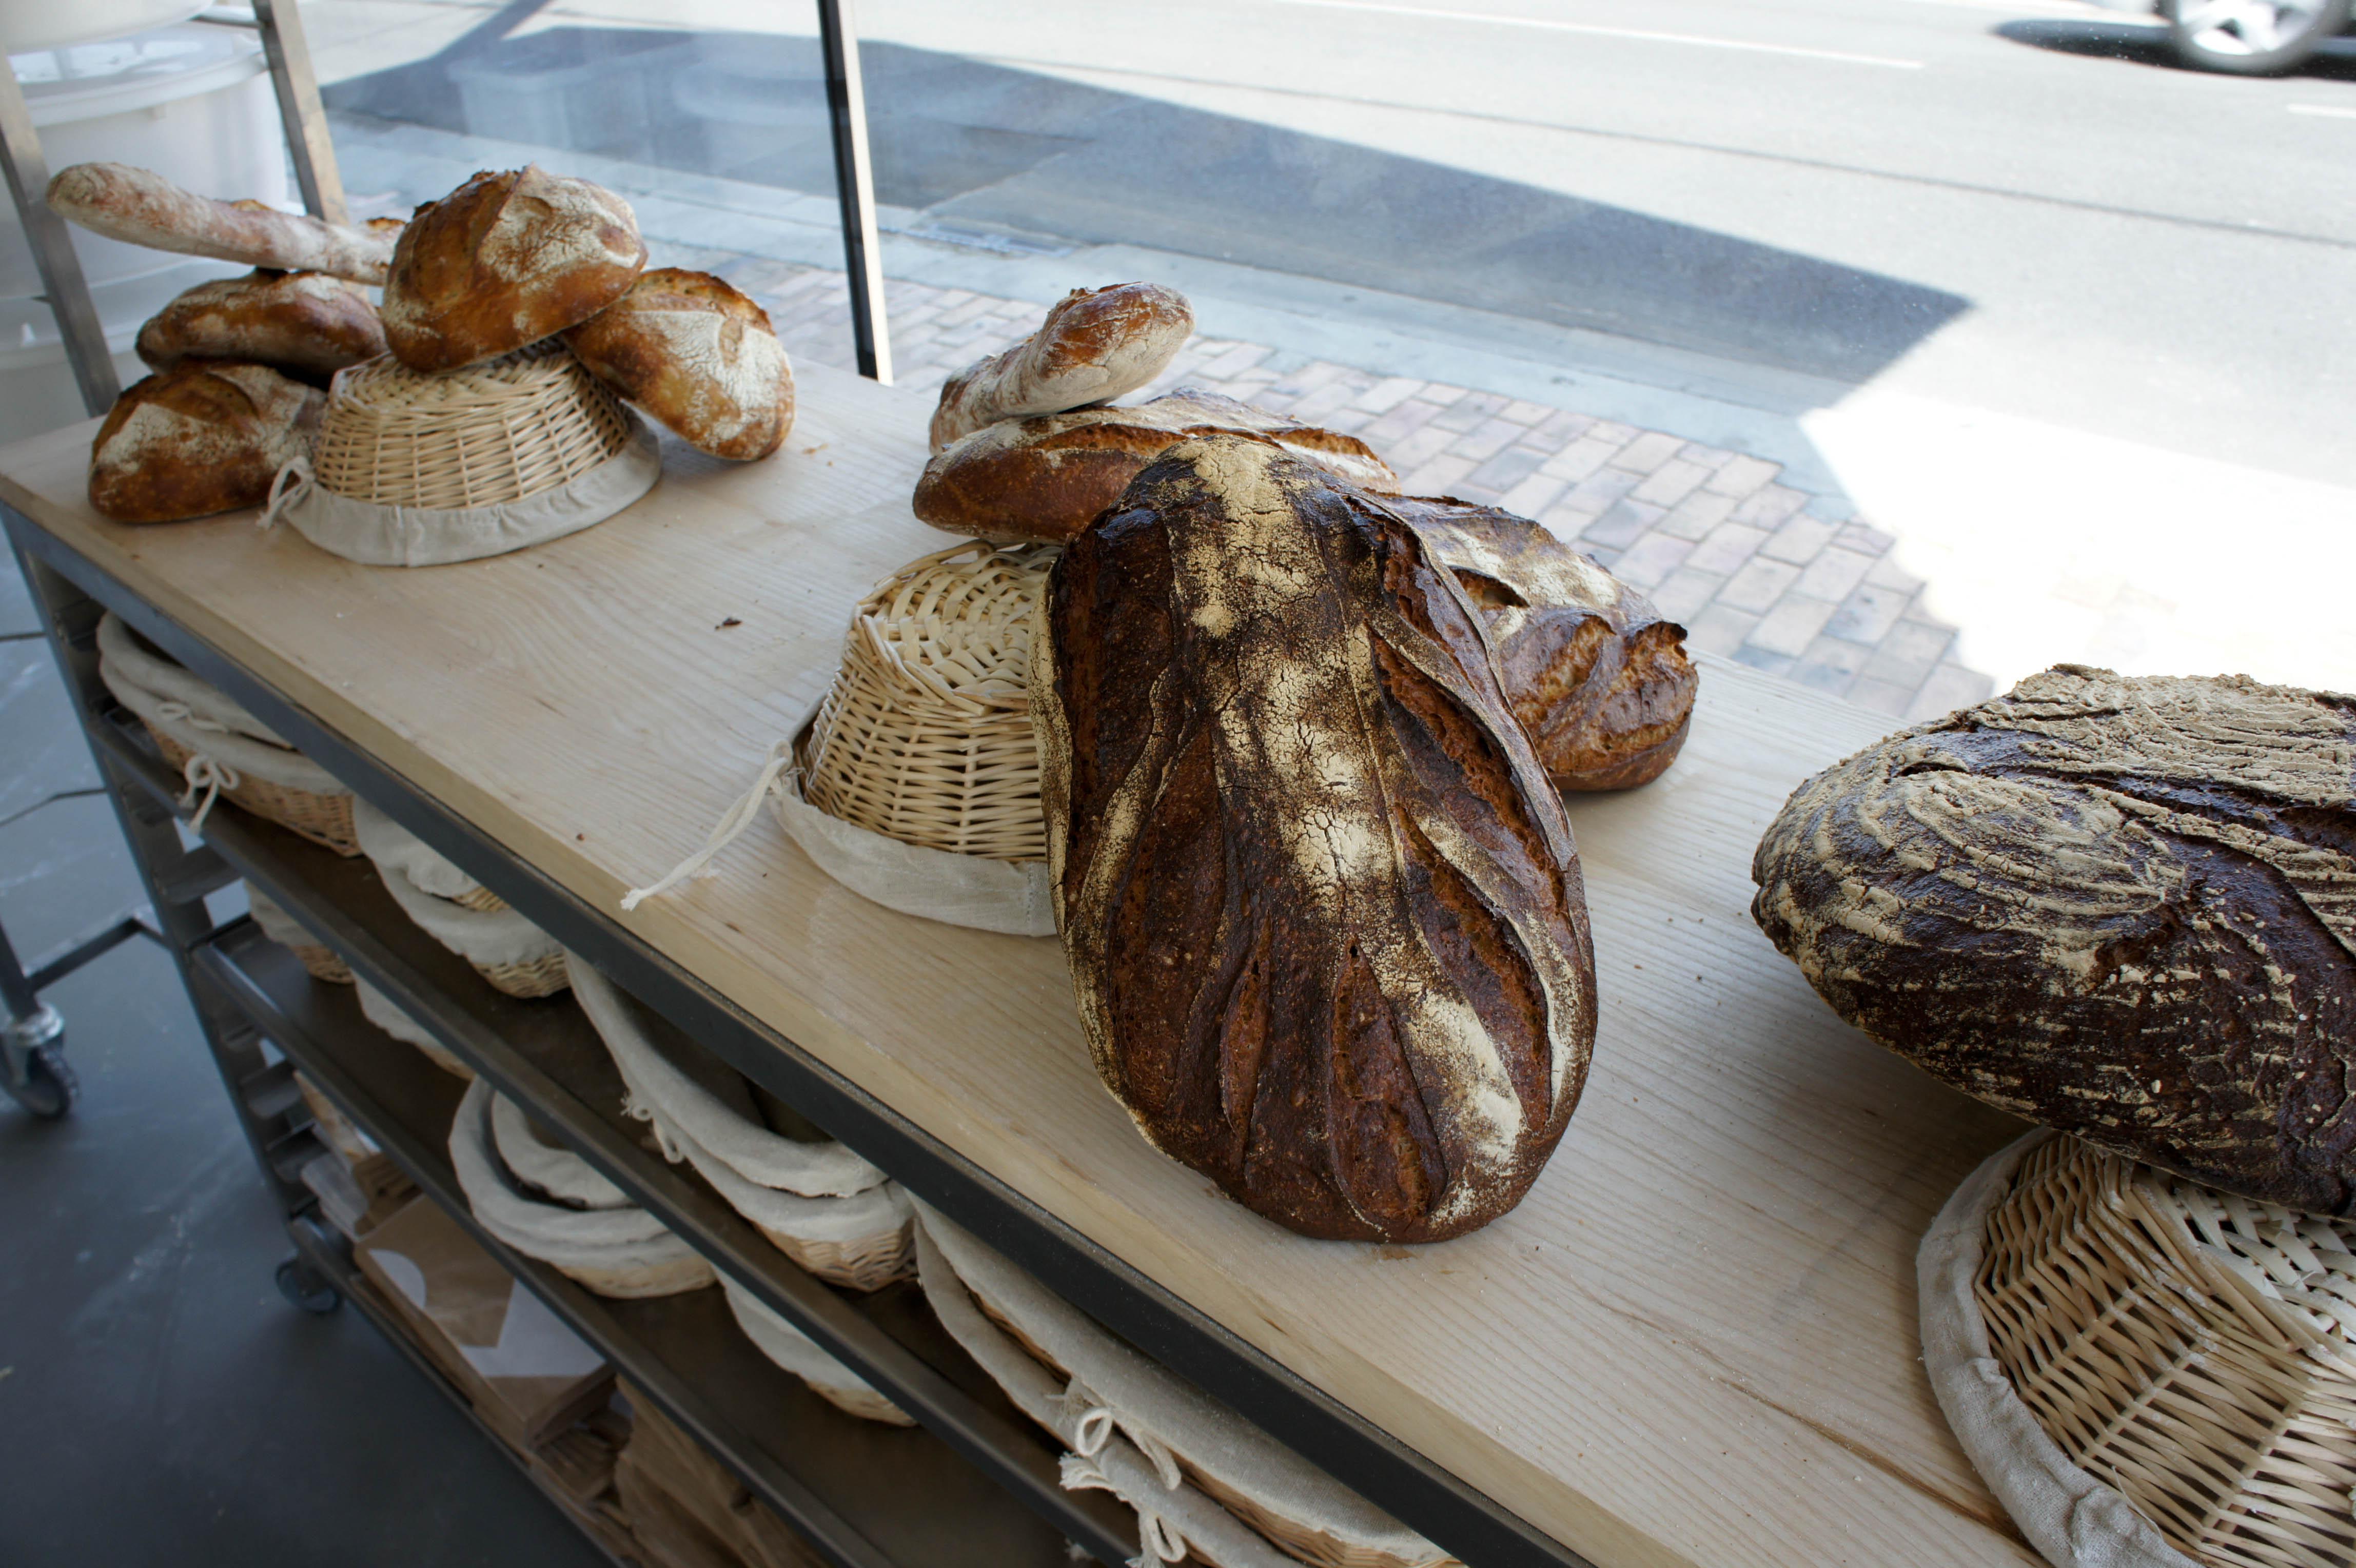 Le Jeune Boulanger Voulait Retrouver Ses Terres La Rgion Bordelaise Pour Exprimer Sa Vision Du Mtier Les Meilleurs Produits Se Fabriquent Avec Une